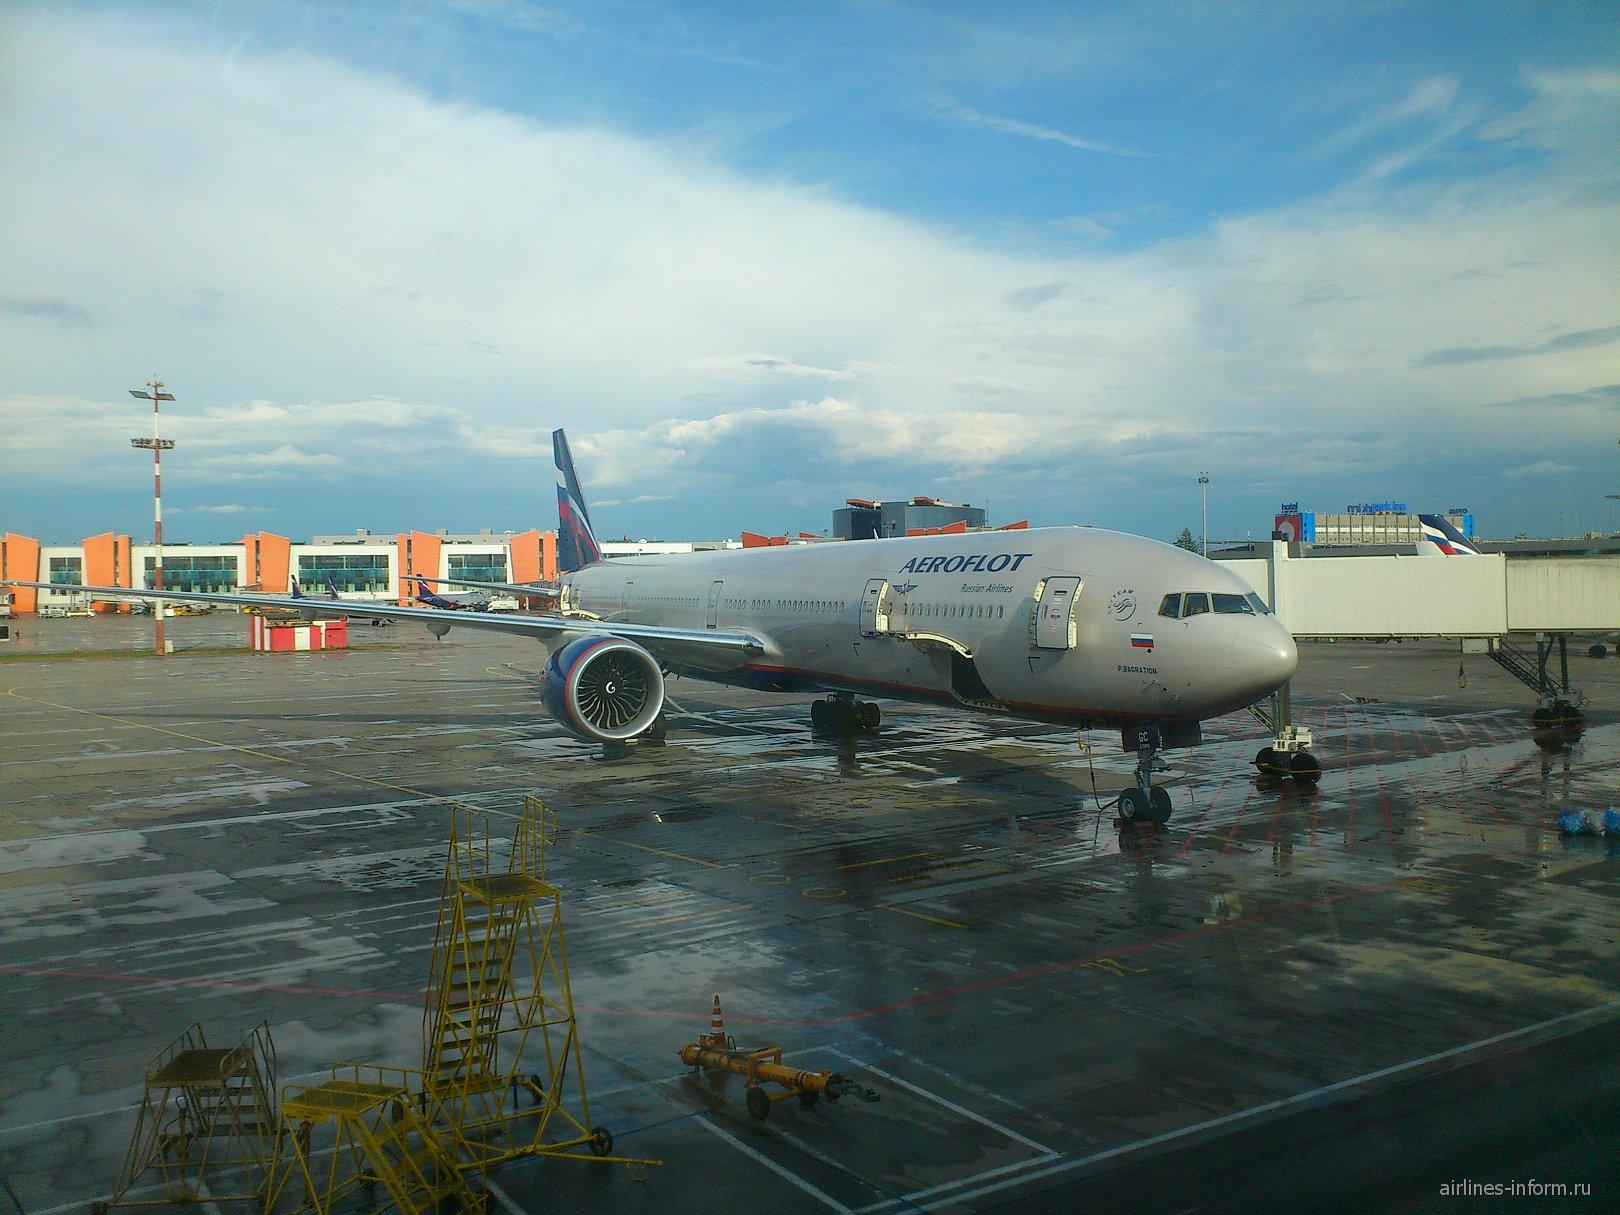 Боинг-777-300 Аэрофлота в аэропорту Шереметьево